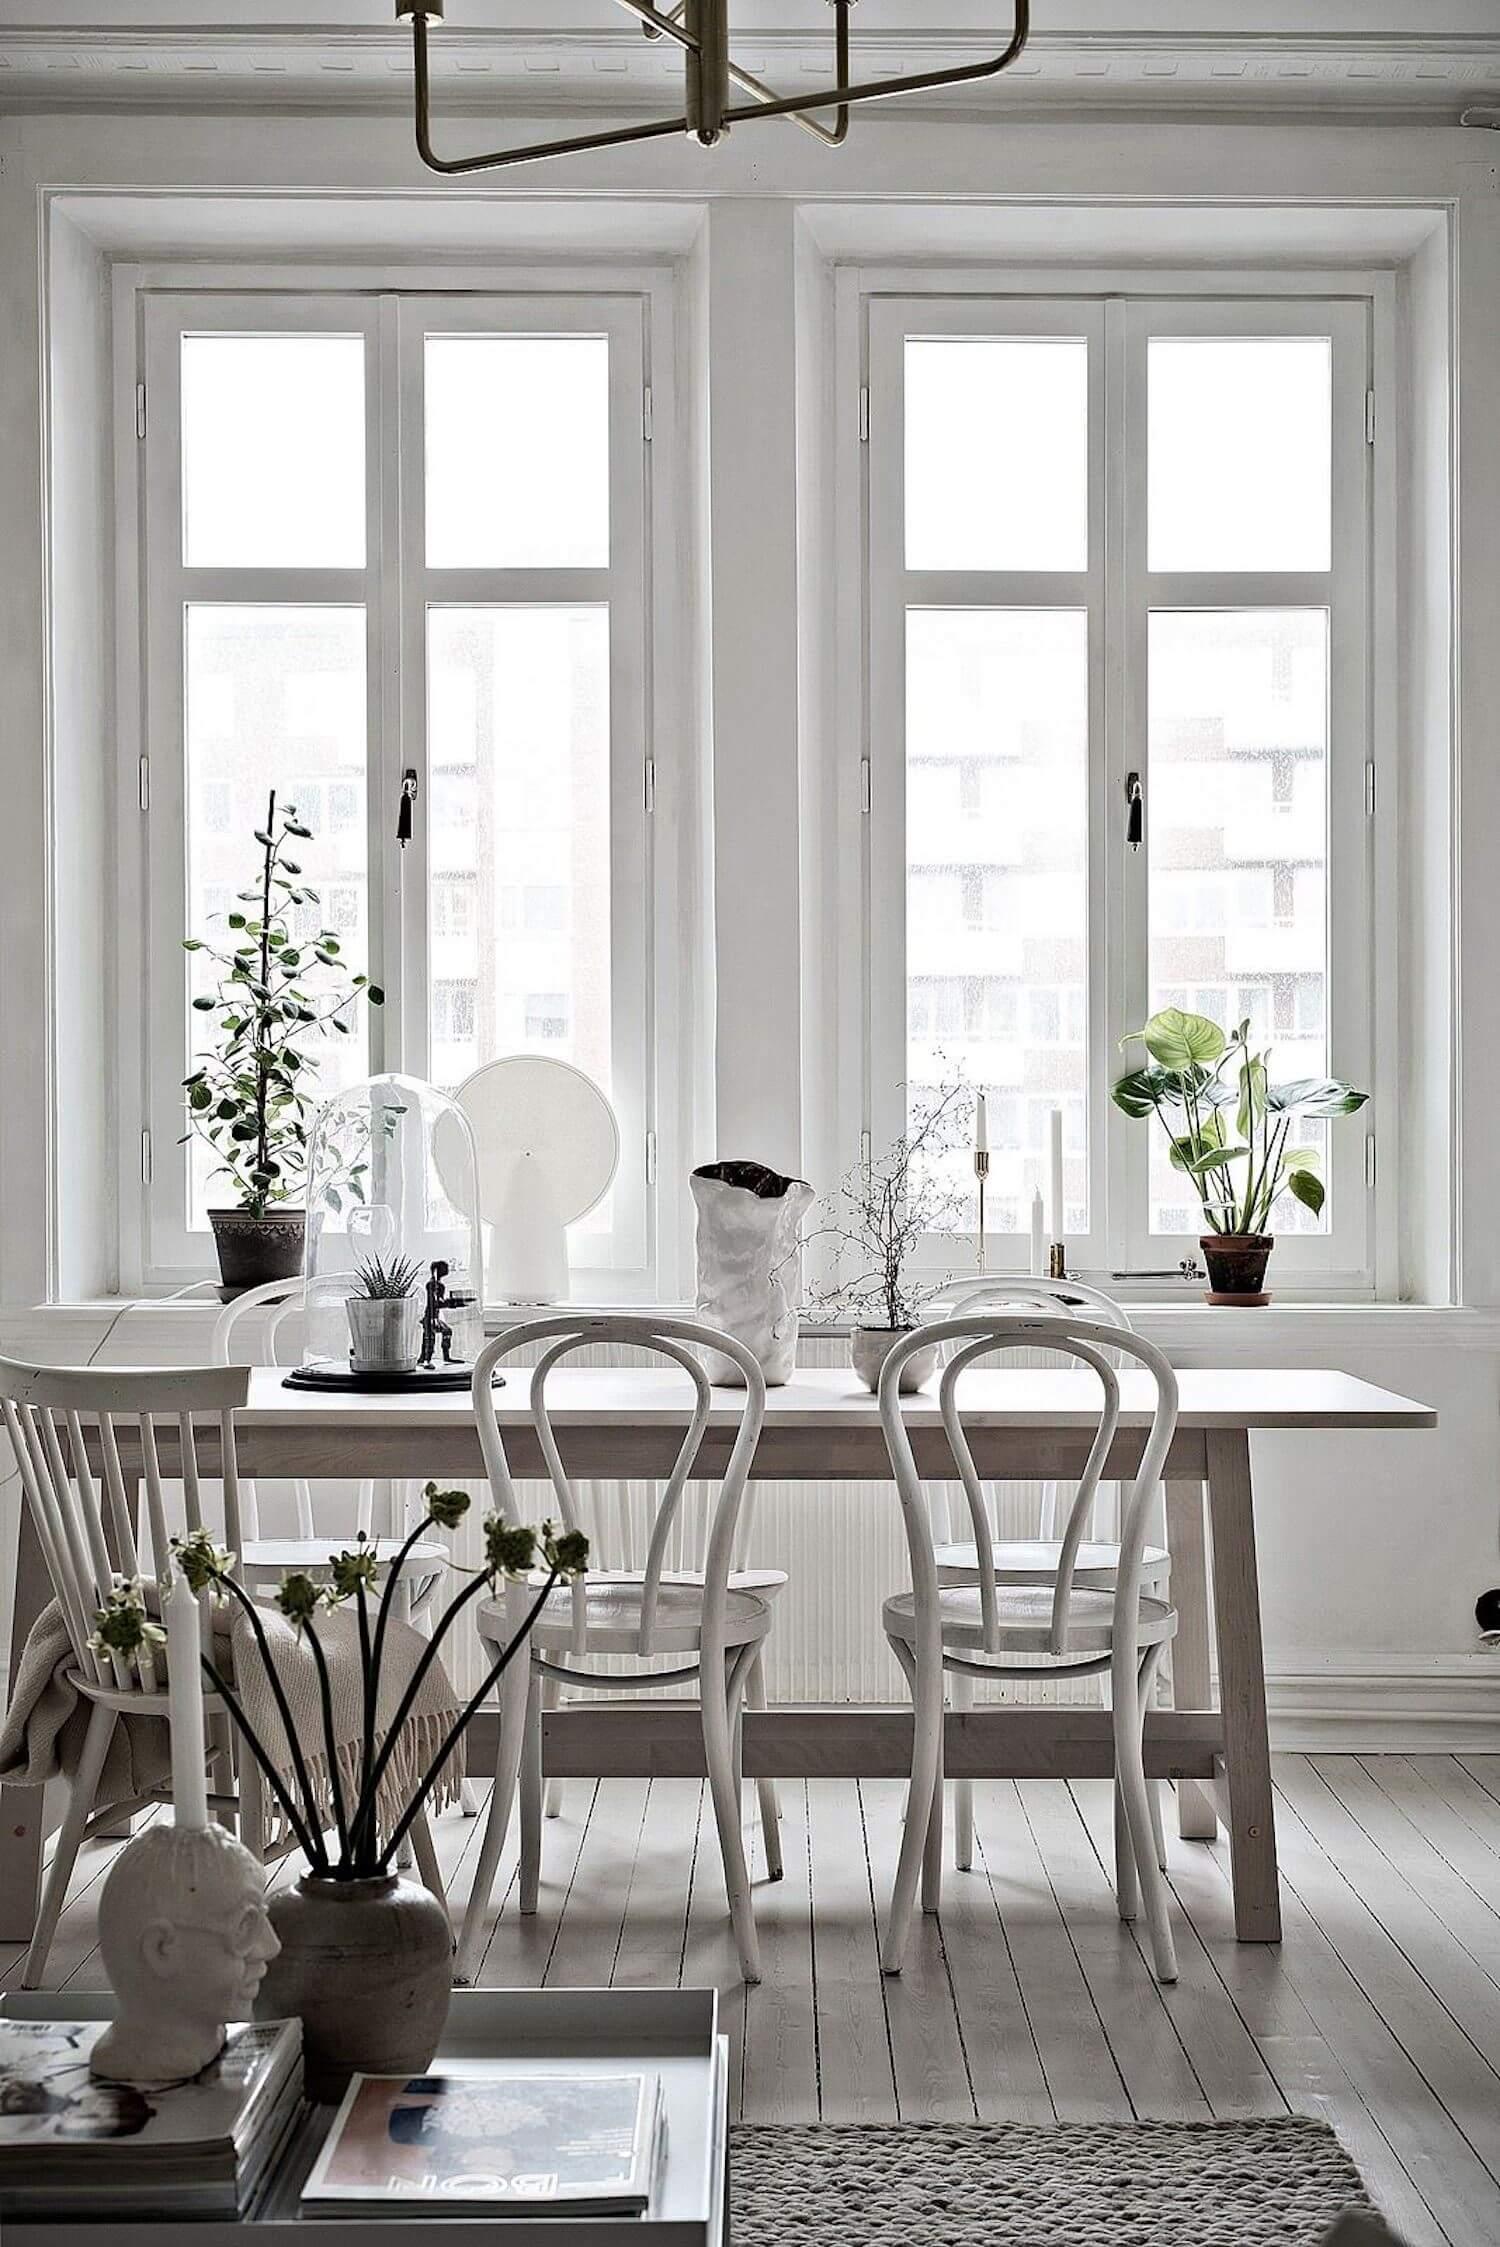 est living open house stockholm apartment 2